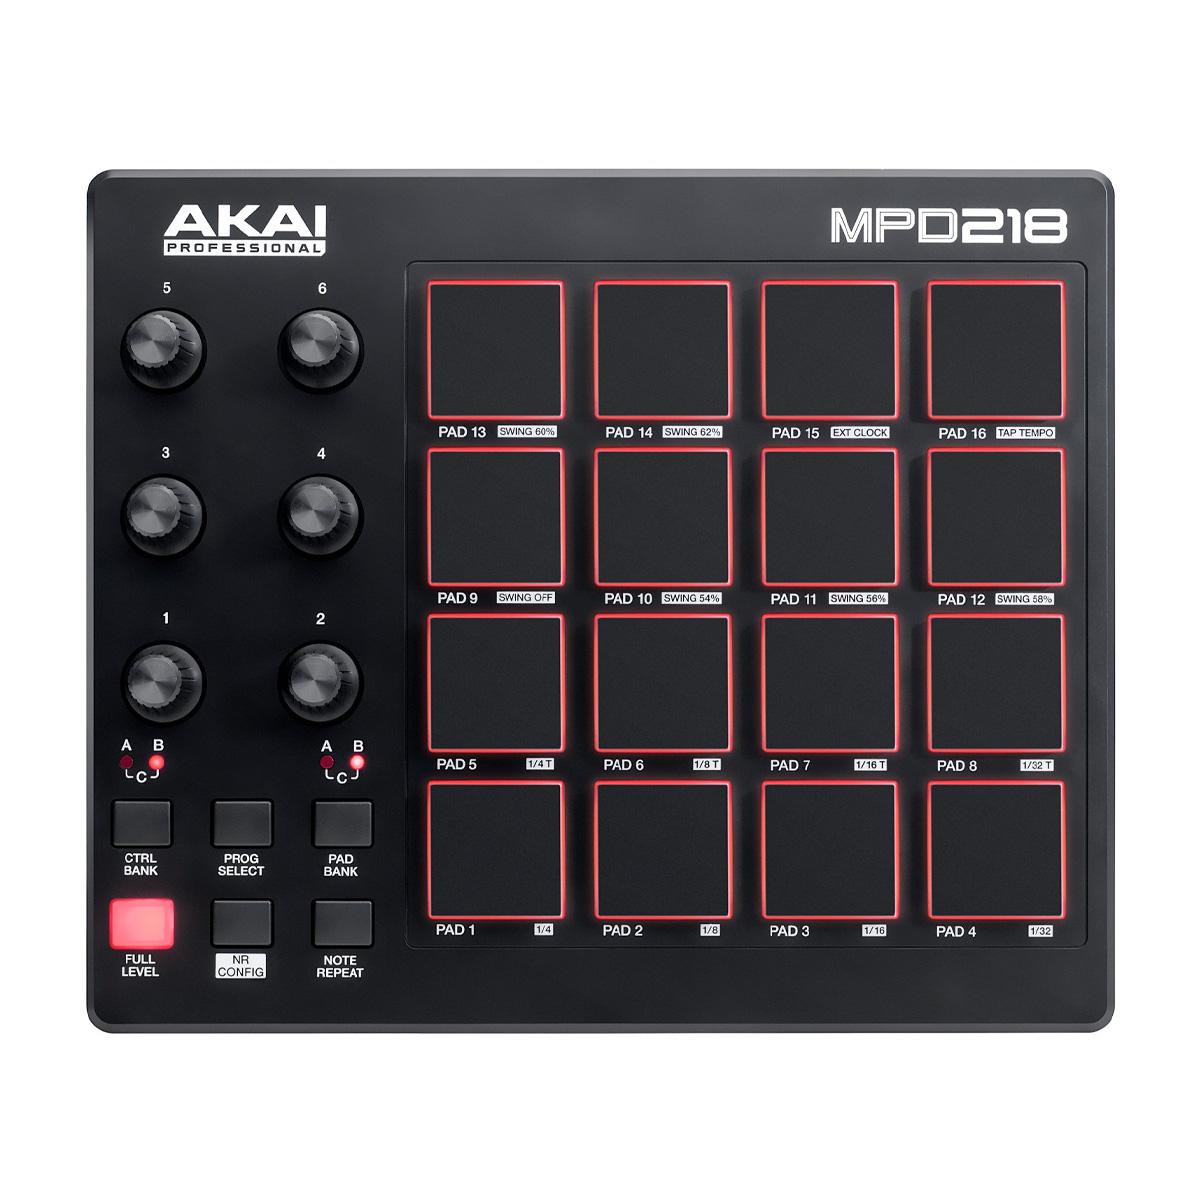 Controladora Akai MPD218